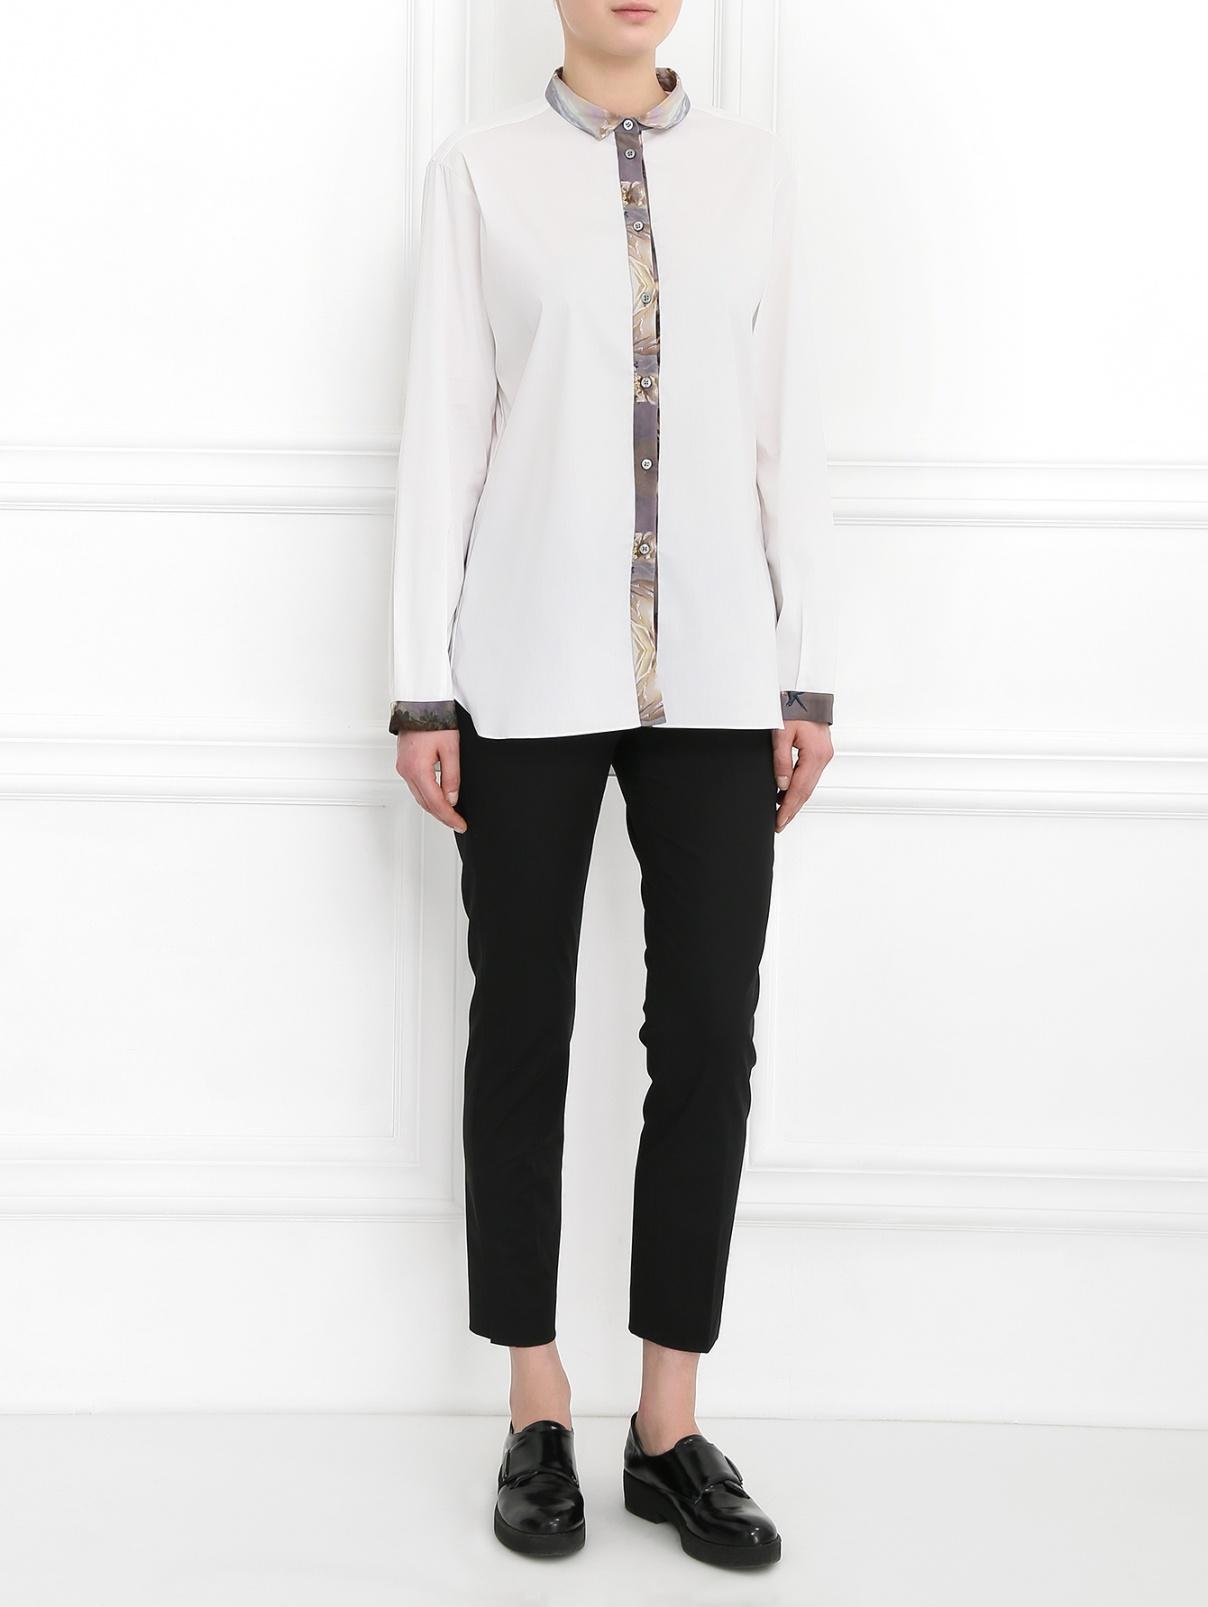 Рубашка из хлопка с контрастной вставкой Giles  –  Модель Общий вид  – Цвет:  Белый